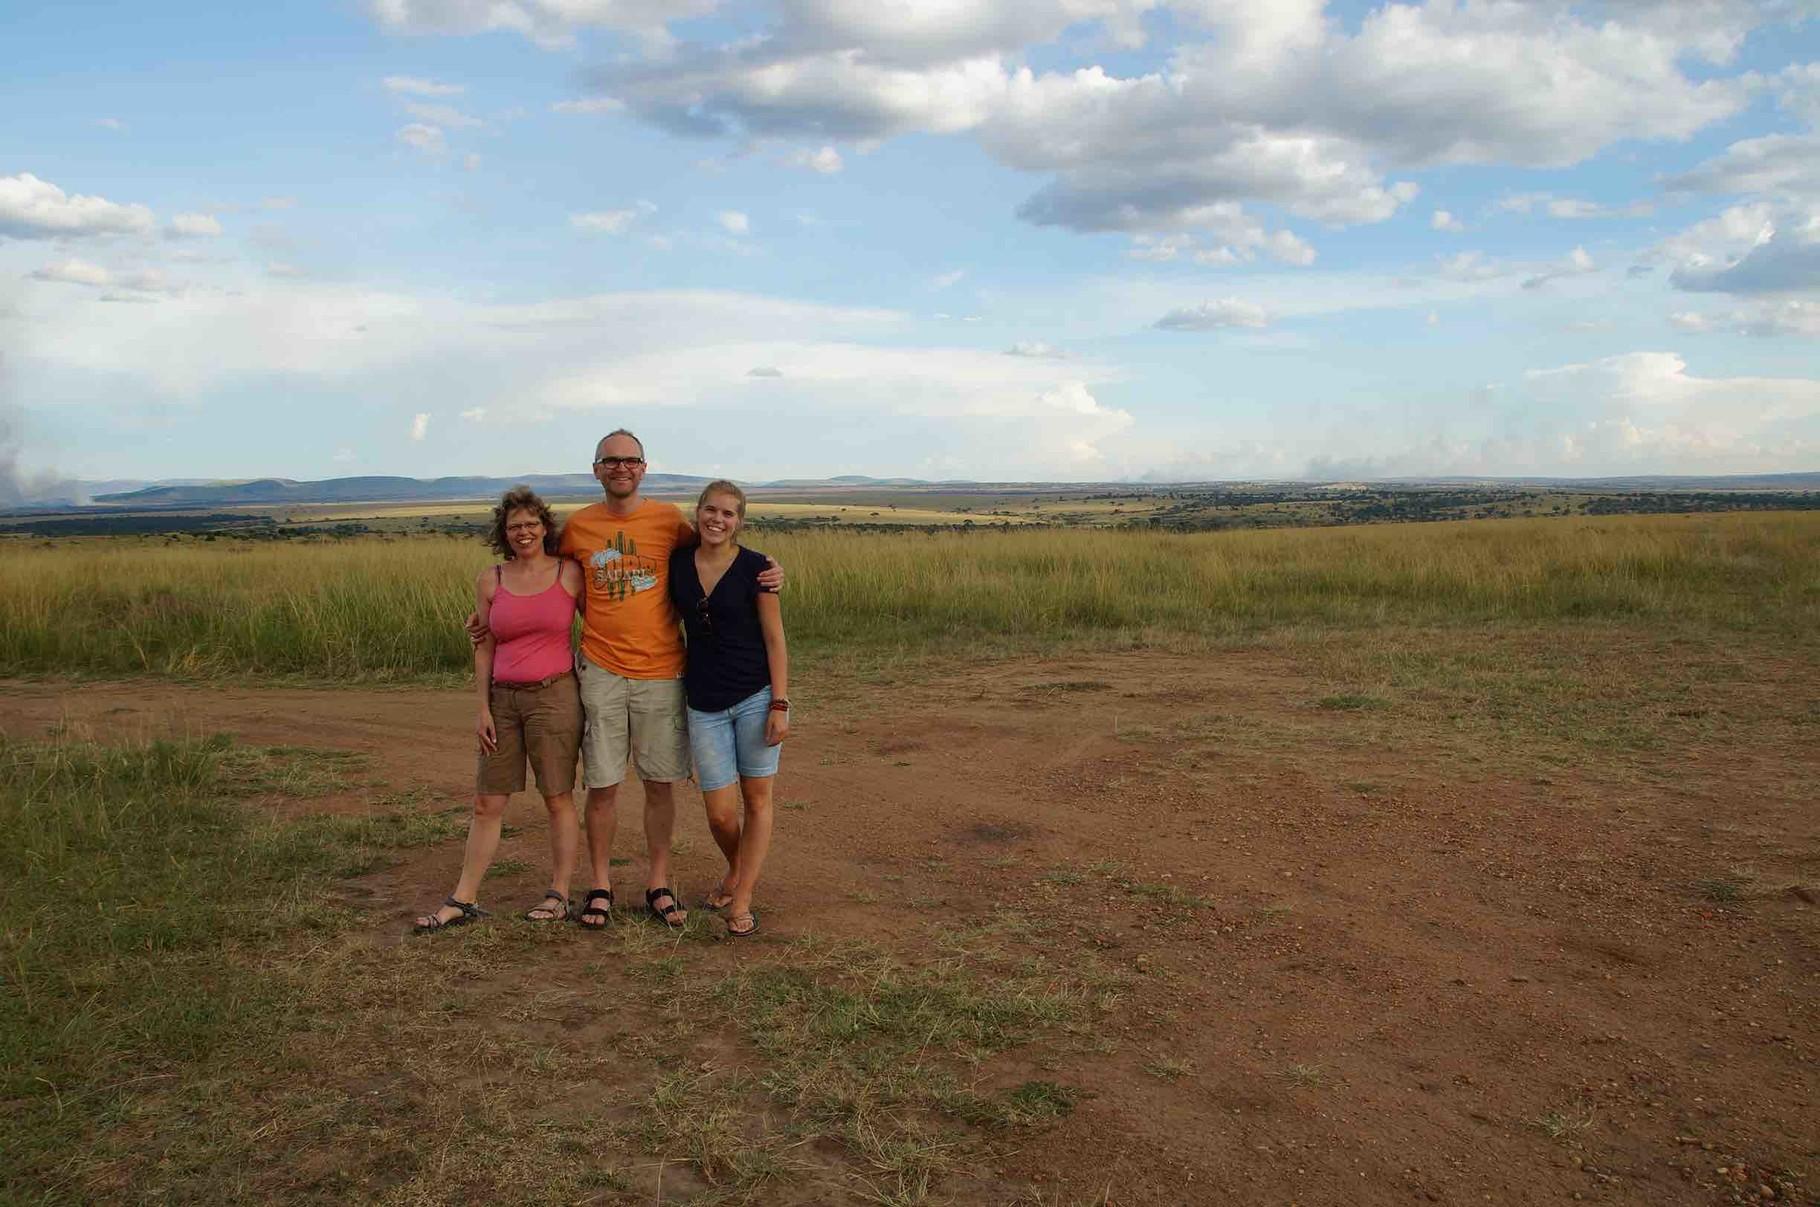 Familie Loos an der Grenze zwischen Kenia und Tansania